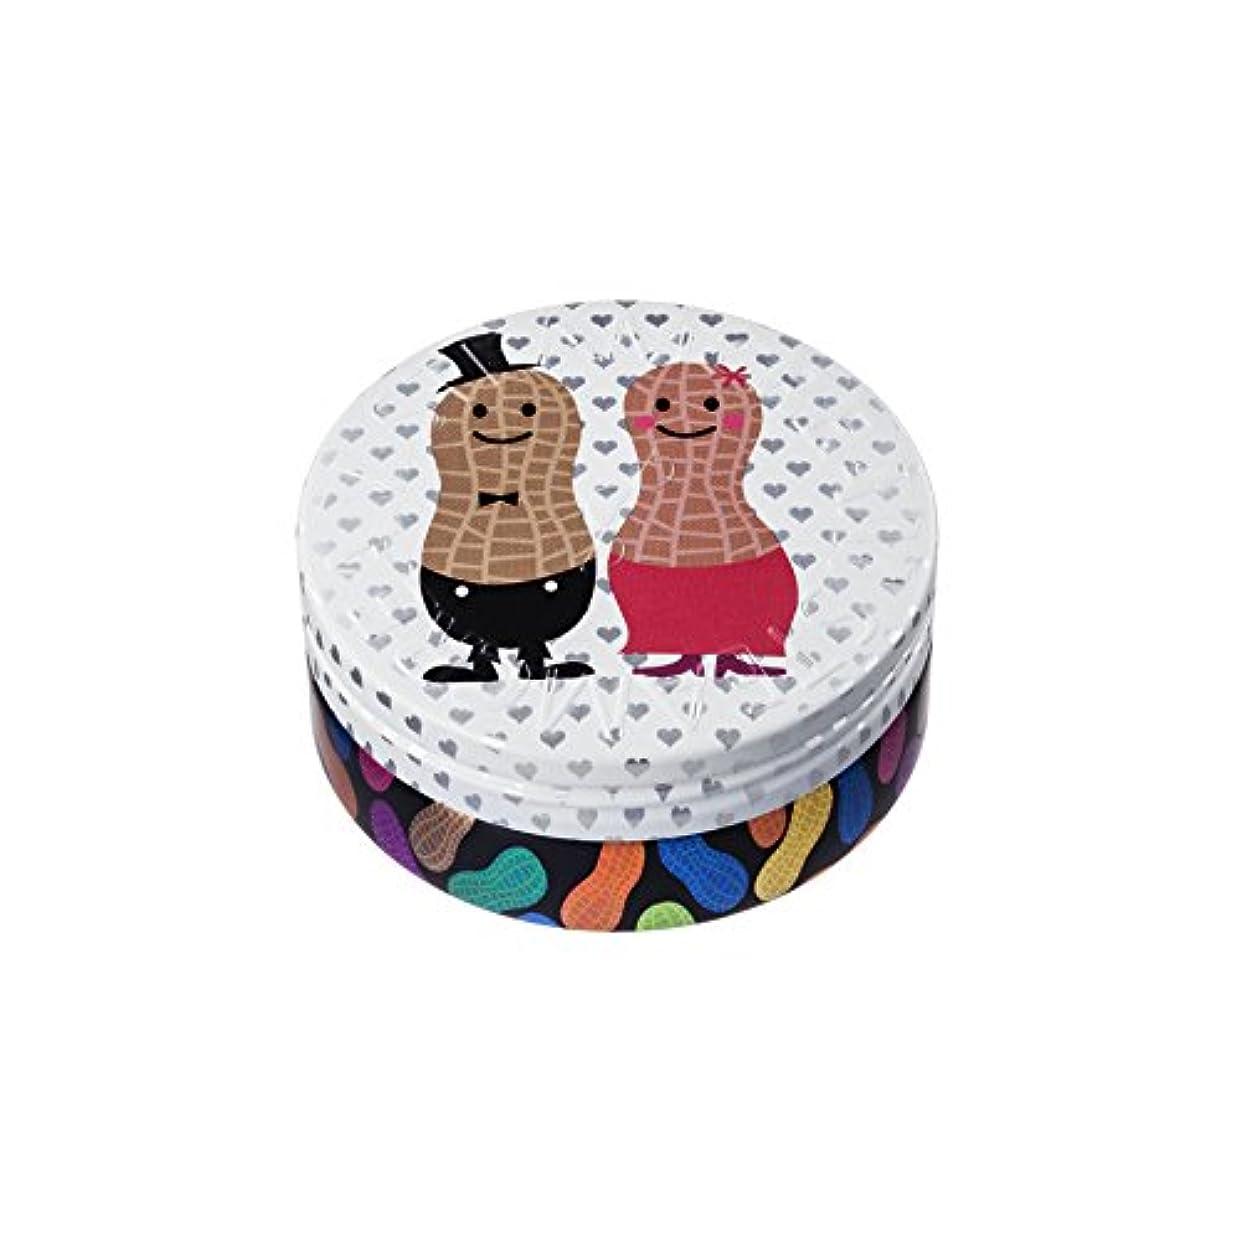 ポテト渇きラッドヤードキップリングスチームクリーム NUTS FOR YOU(ナッツ?フォー?ユー) 75g 【並行輸入品】